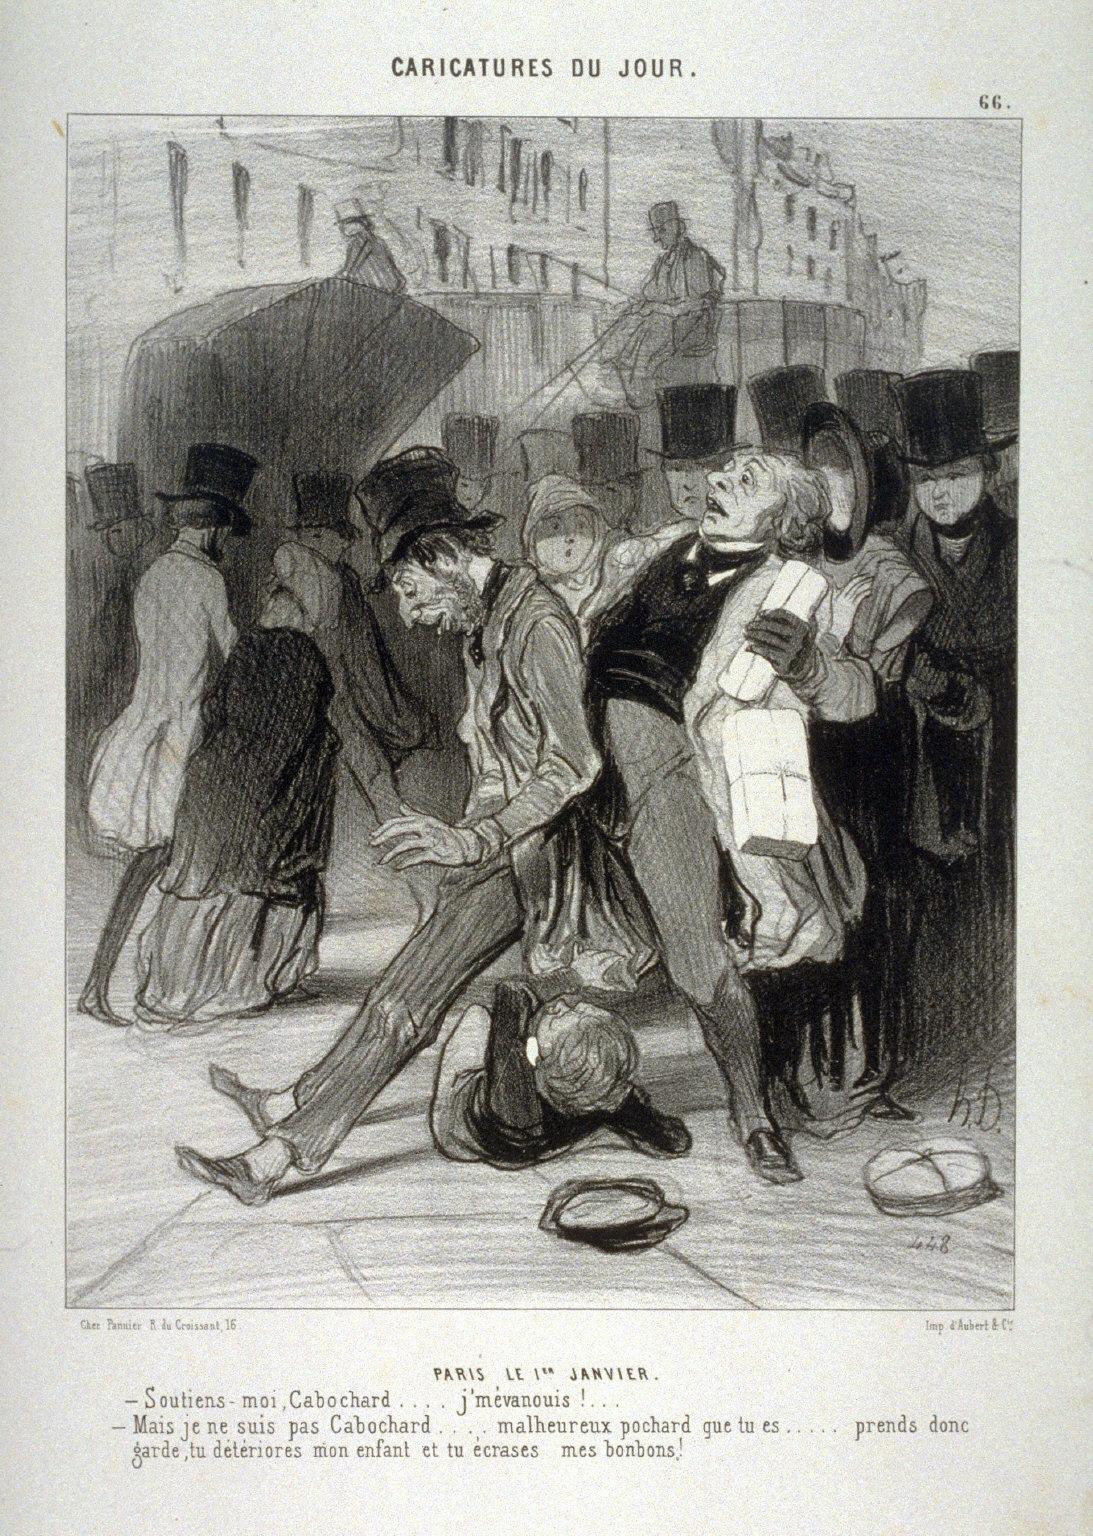 PARIS LE 1ER JANVIER., no. 66. from the series CARICATURES DU JOUR